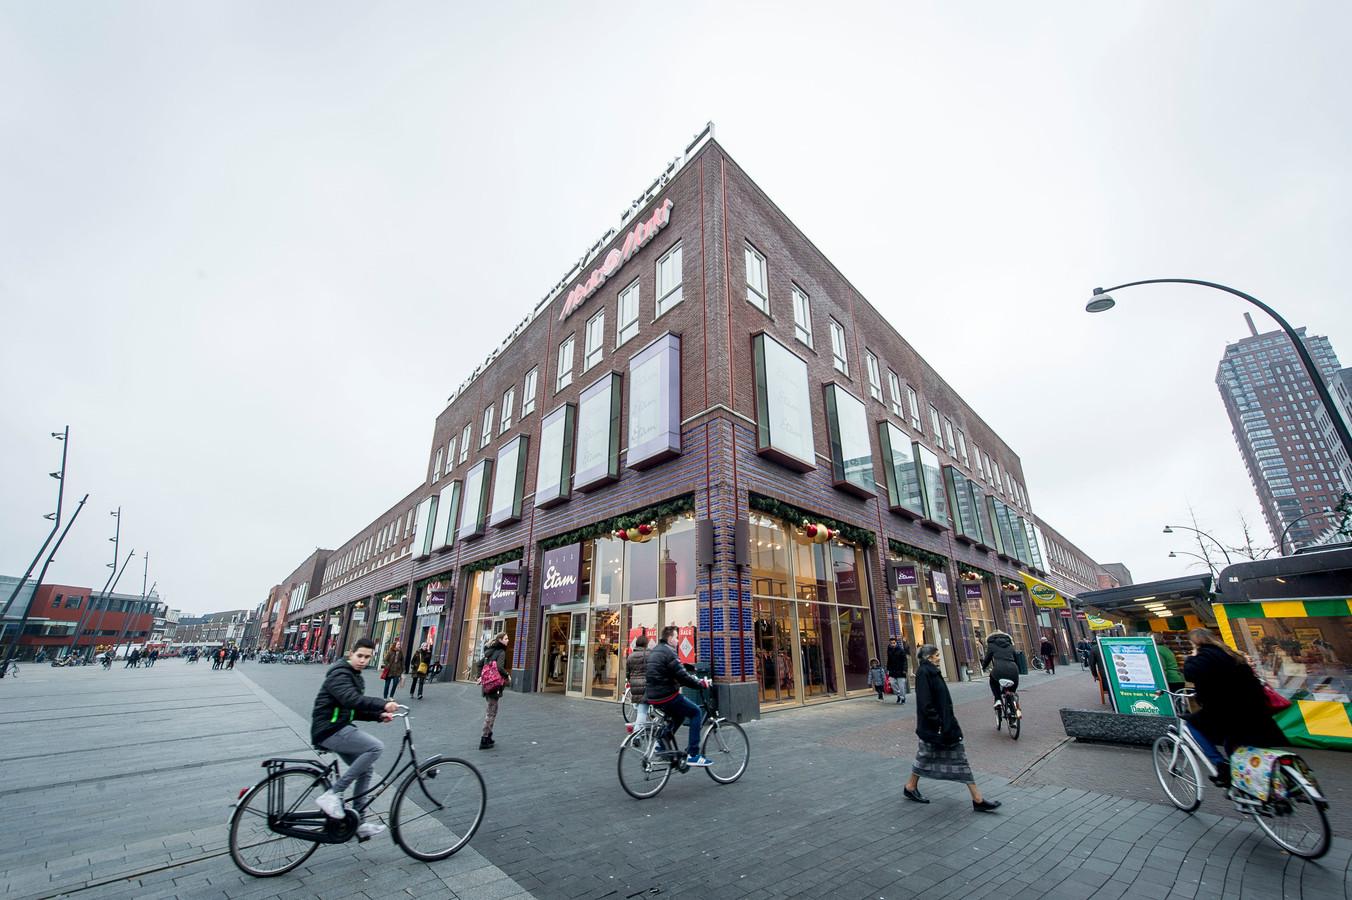 5147a30bbad Schuurman Schoenen verhuist naar Langestraat in Enschede | Enschede ...